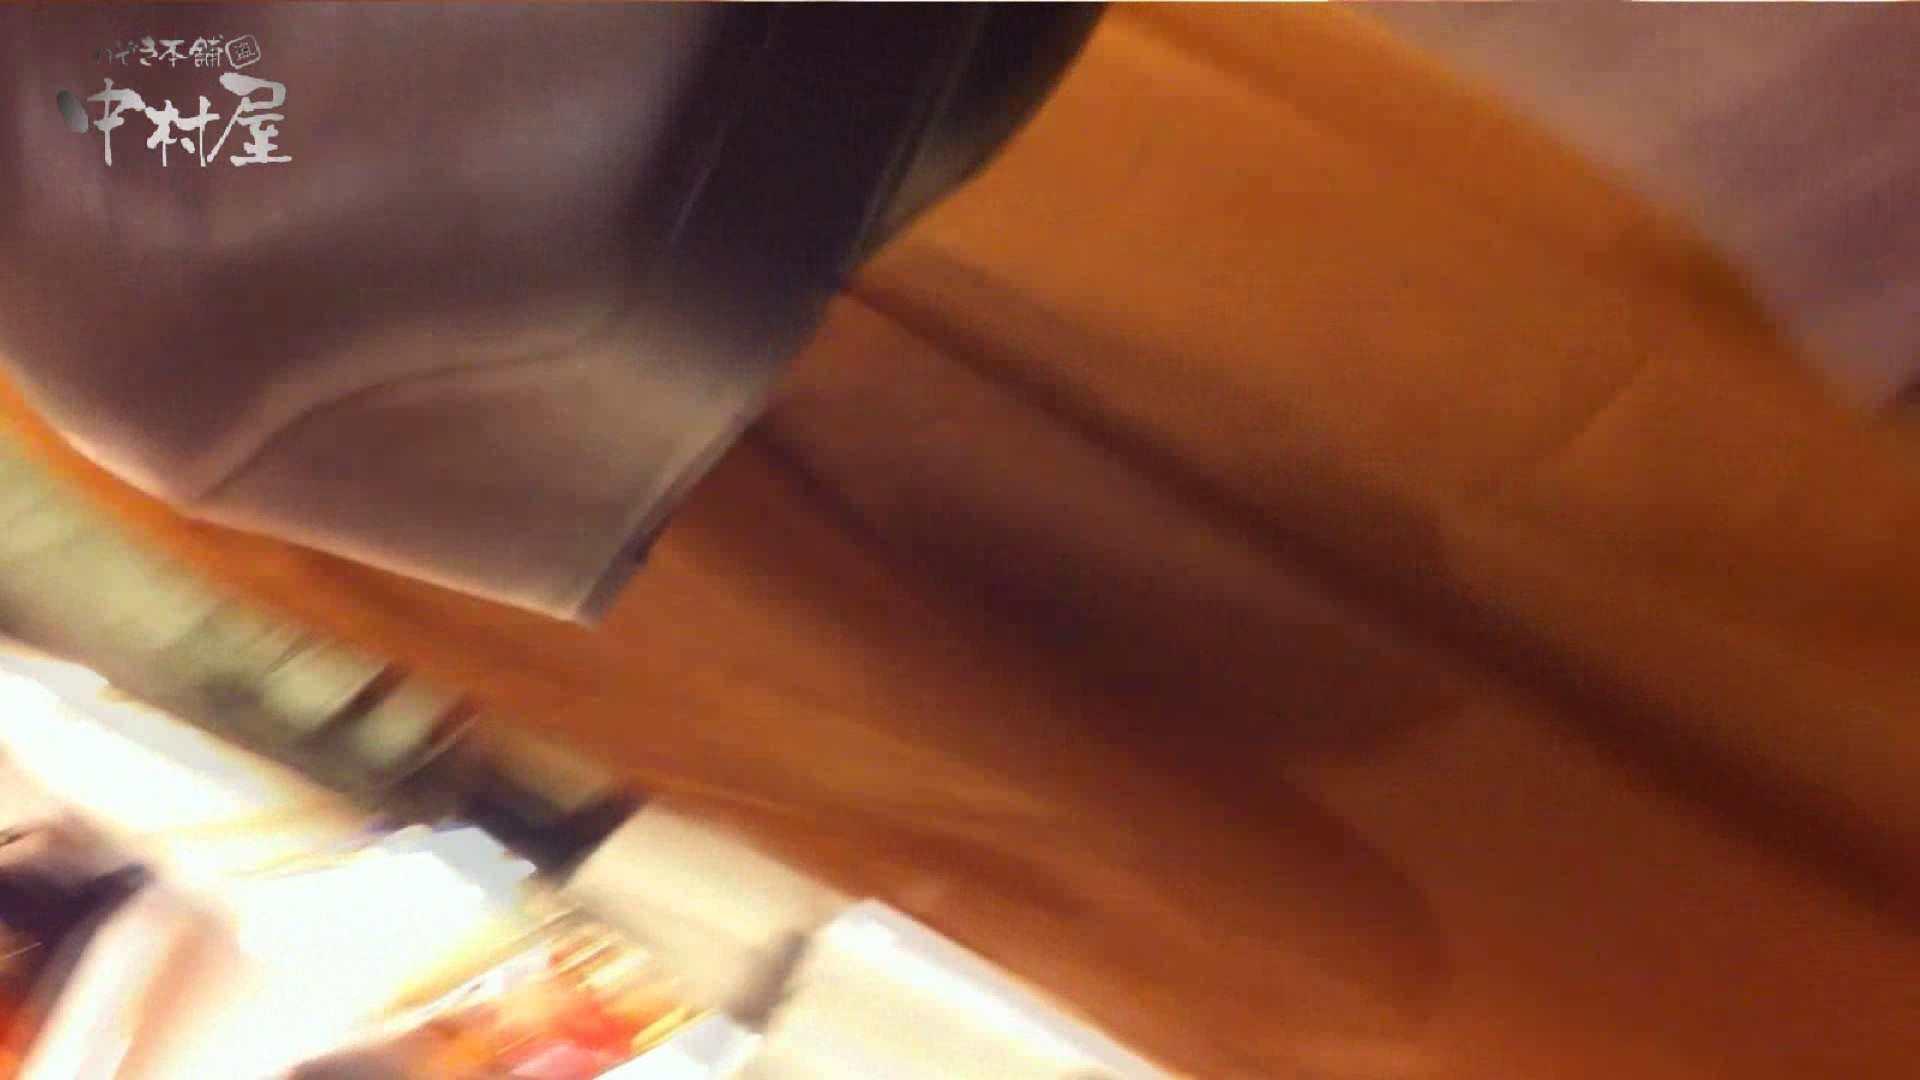 vol.84 美人アパレル胸チラ&パンチラ 帽子オネェさんに胸元アタック! チラ   接写  80pic 34